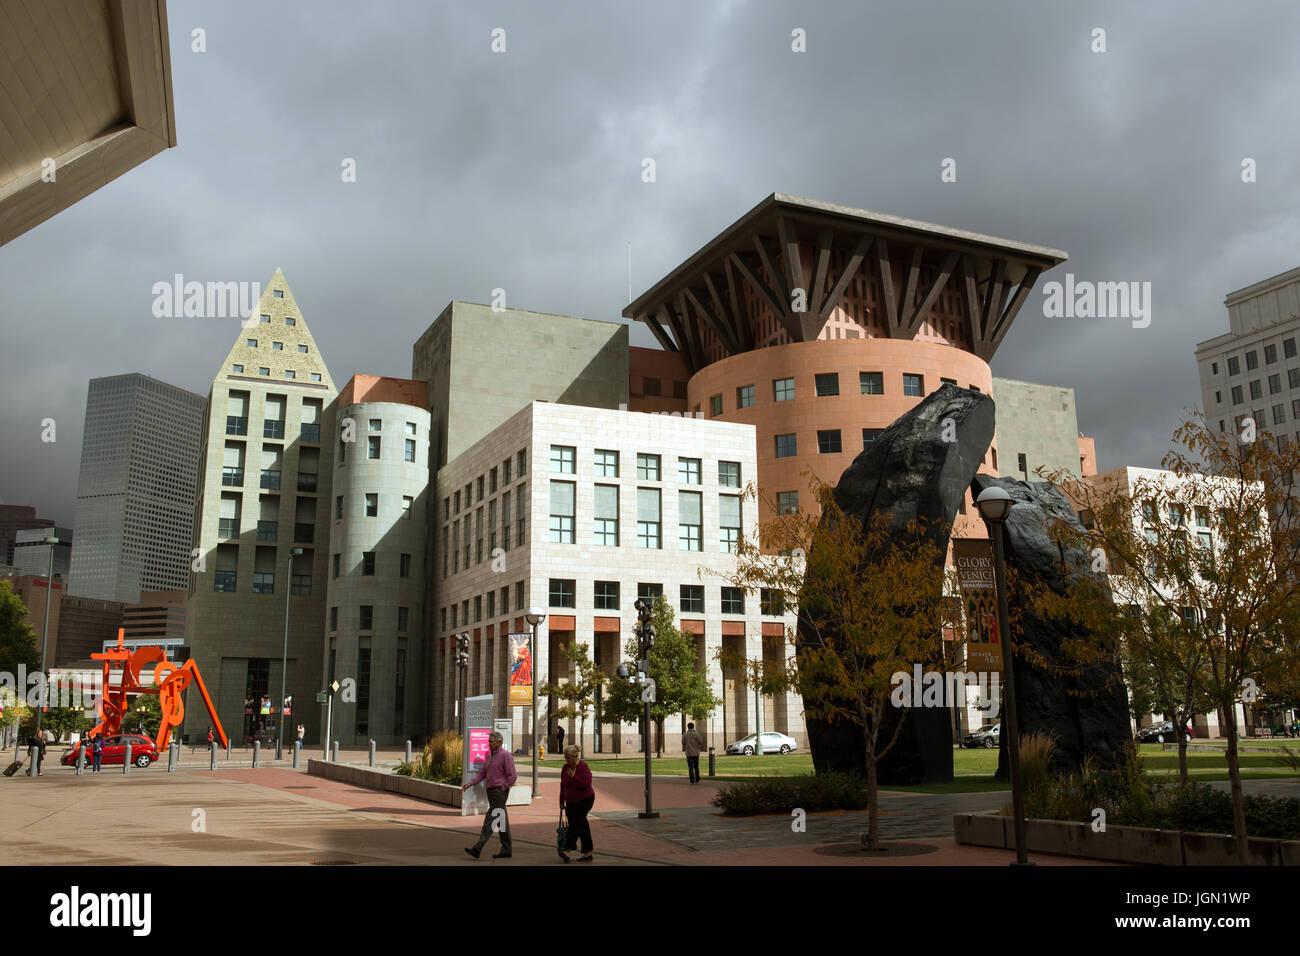 Denver Art museum, Denver, Colorado - Stock Image